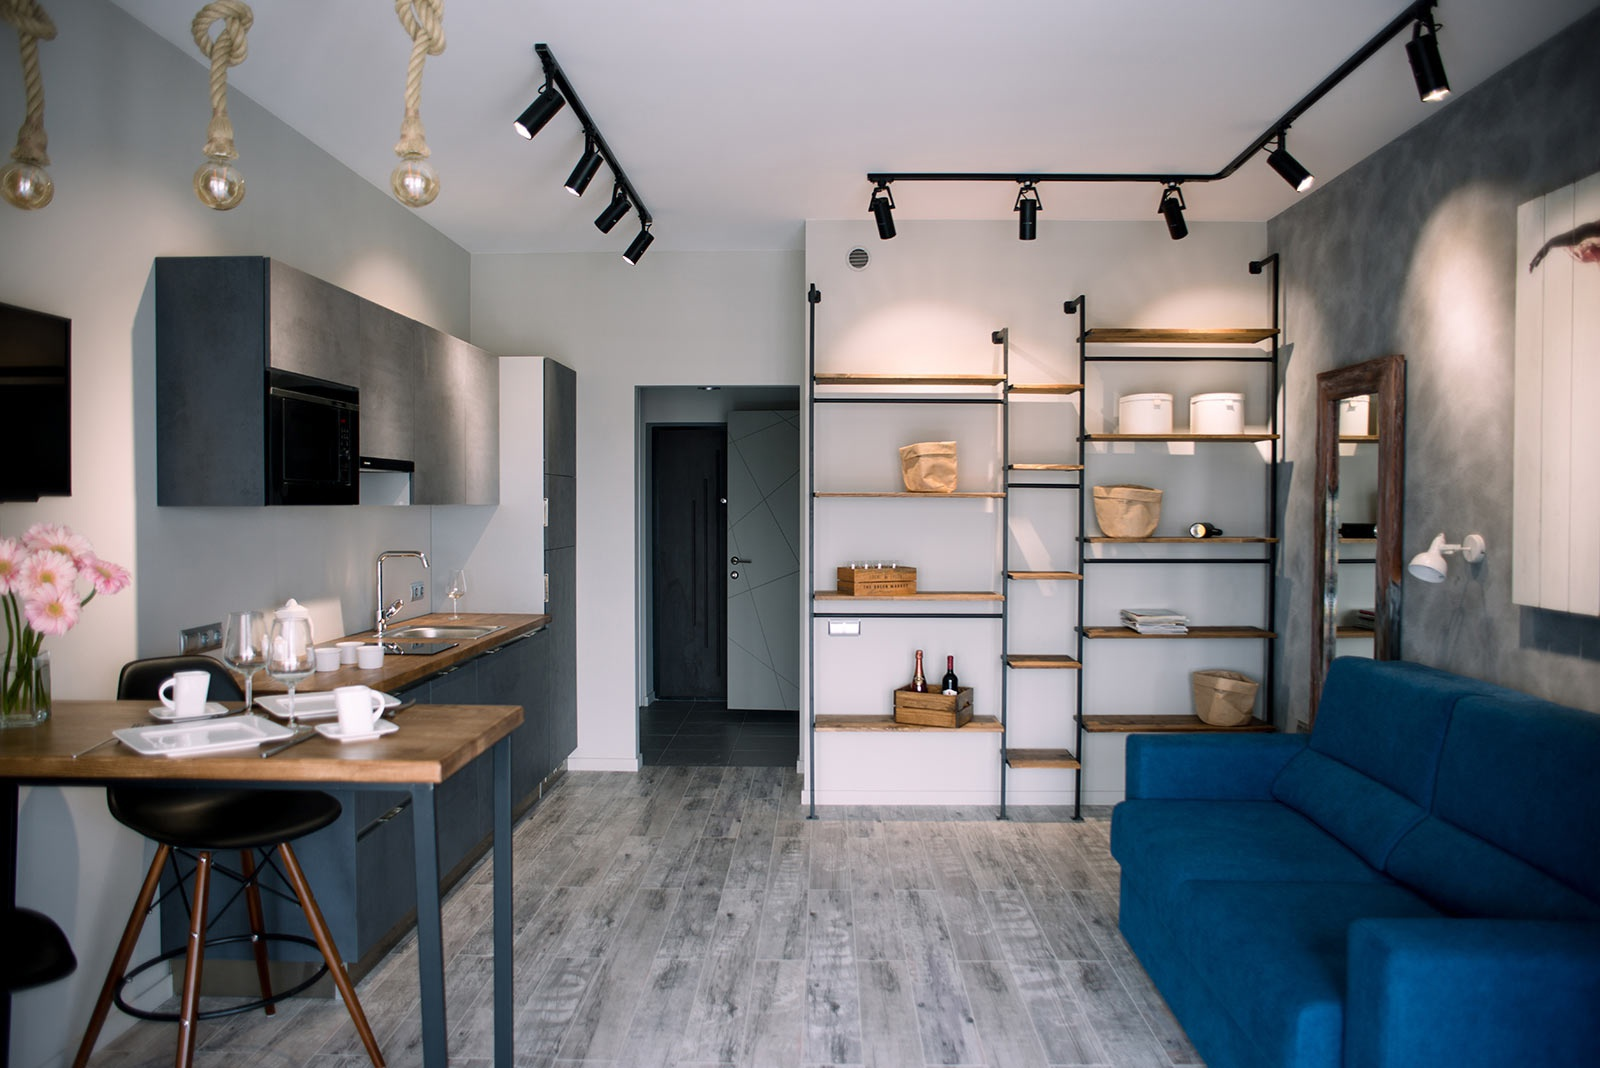 Трековые светильники в кухне с гостинной в качестве акцентной подсветки фасада кухни и стелажей с предметами интерьера.